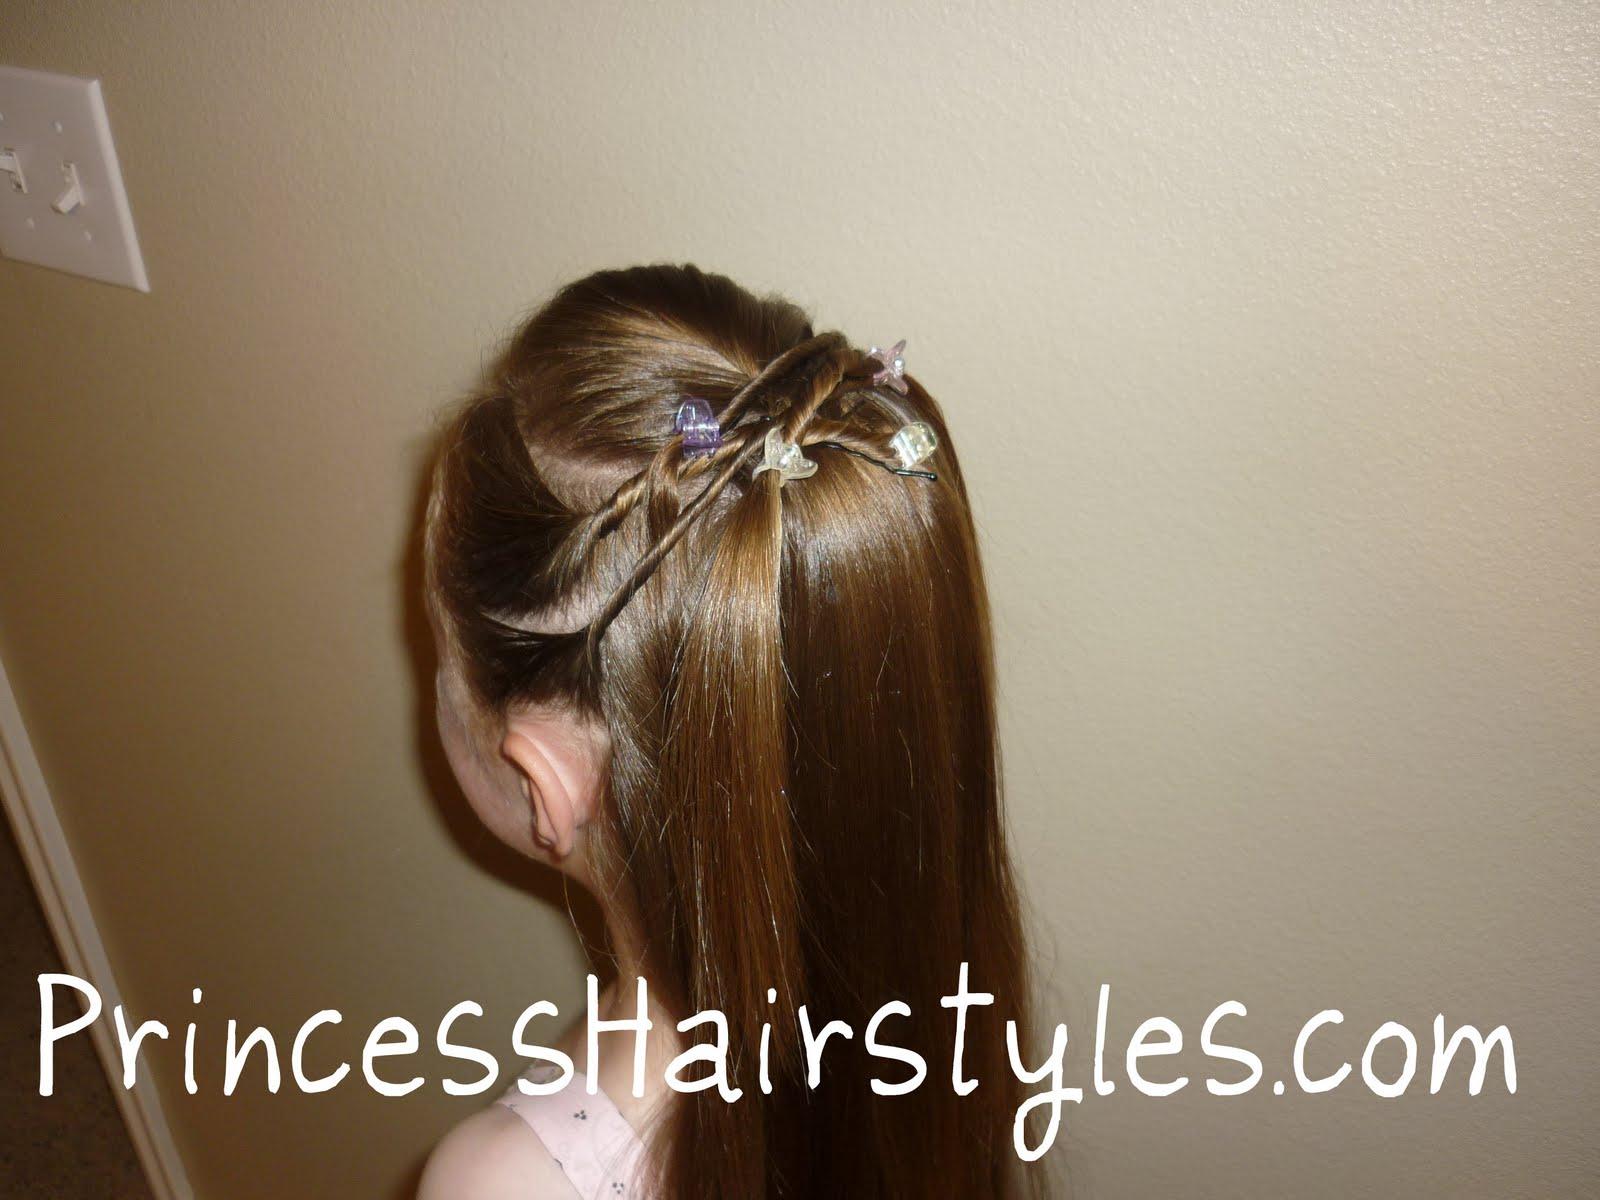 Princess Hairstyles.com